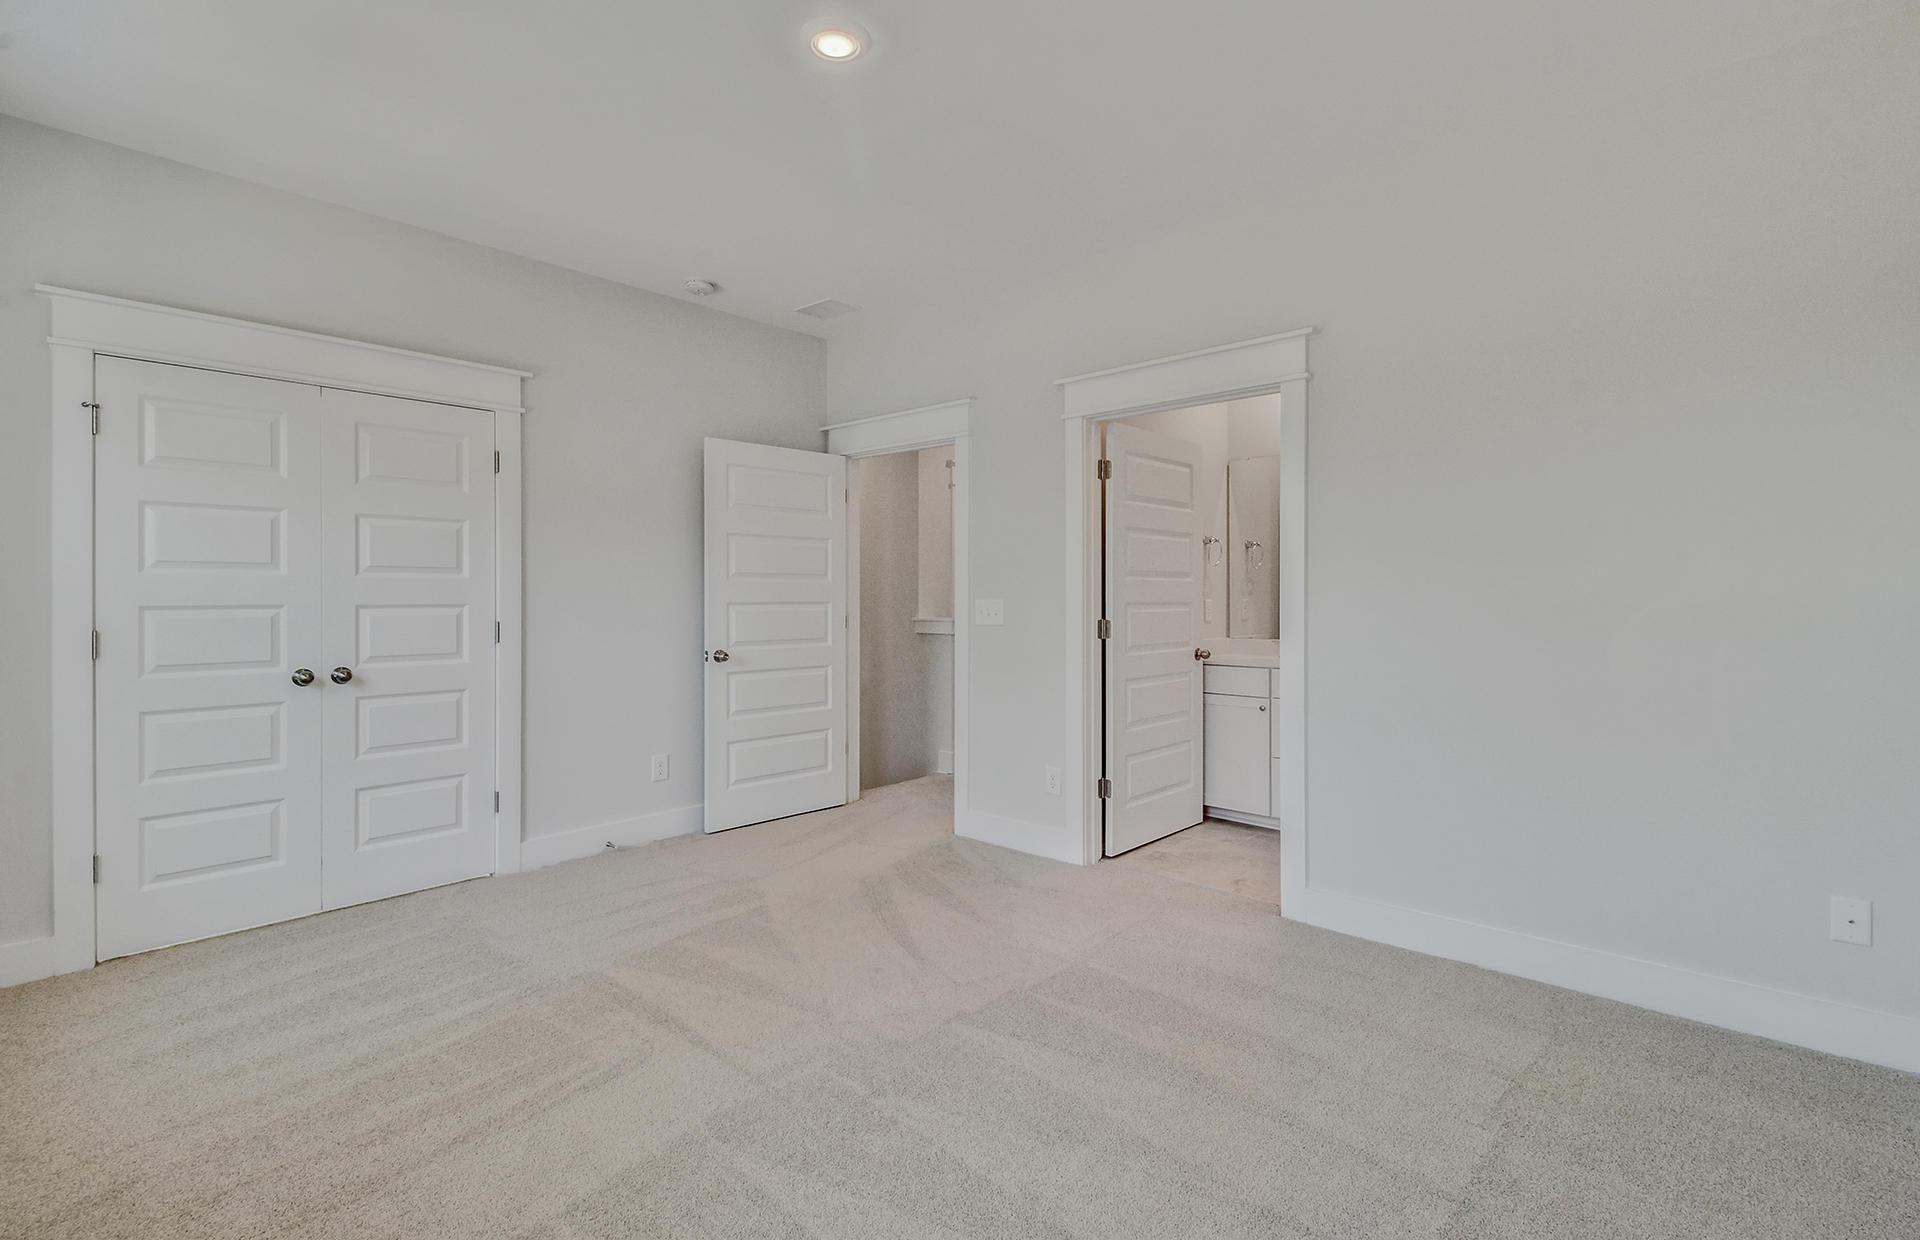 Kings Flats Homes For Sale - 110 Alder, Charleston, SC - 3